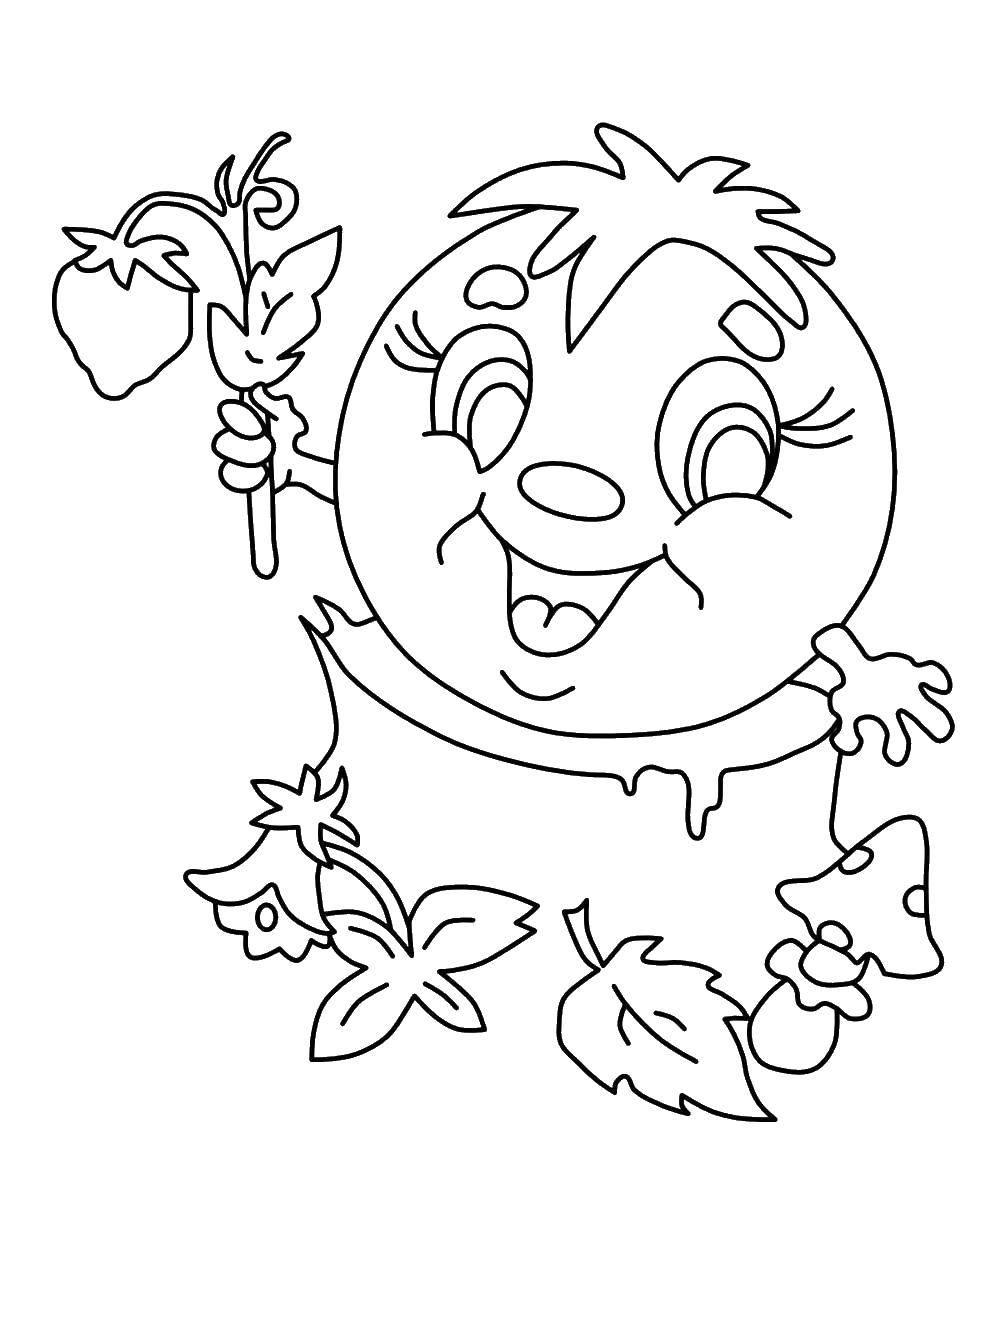 Раскраска Колобок с клубничкой. Скачать Сказки, Колобок.  Распечатать ,колобок,